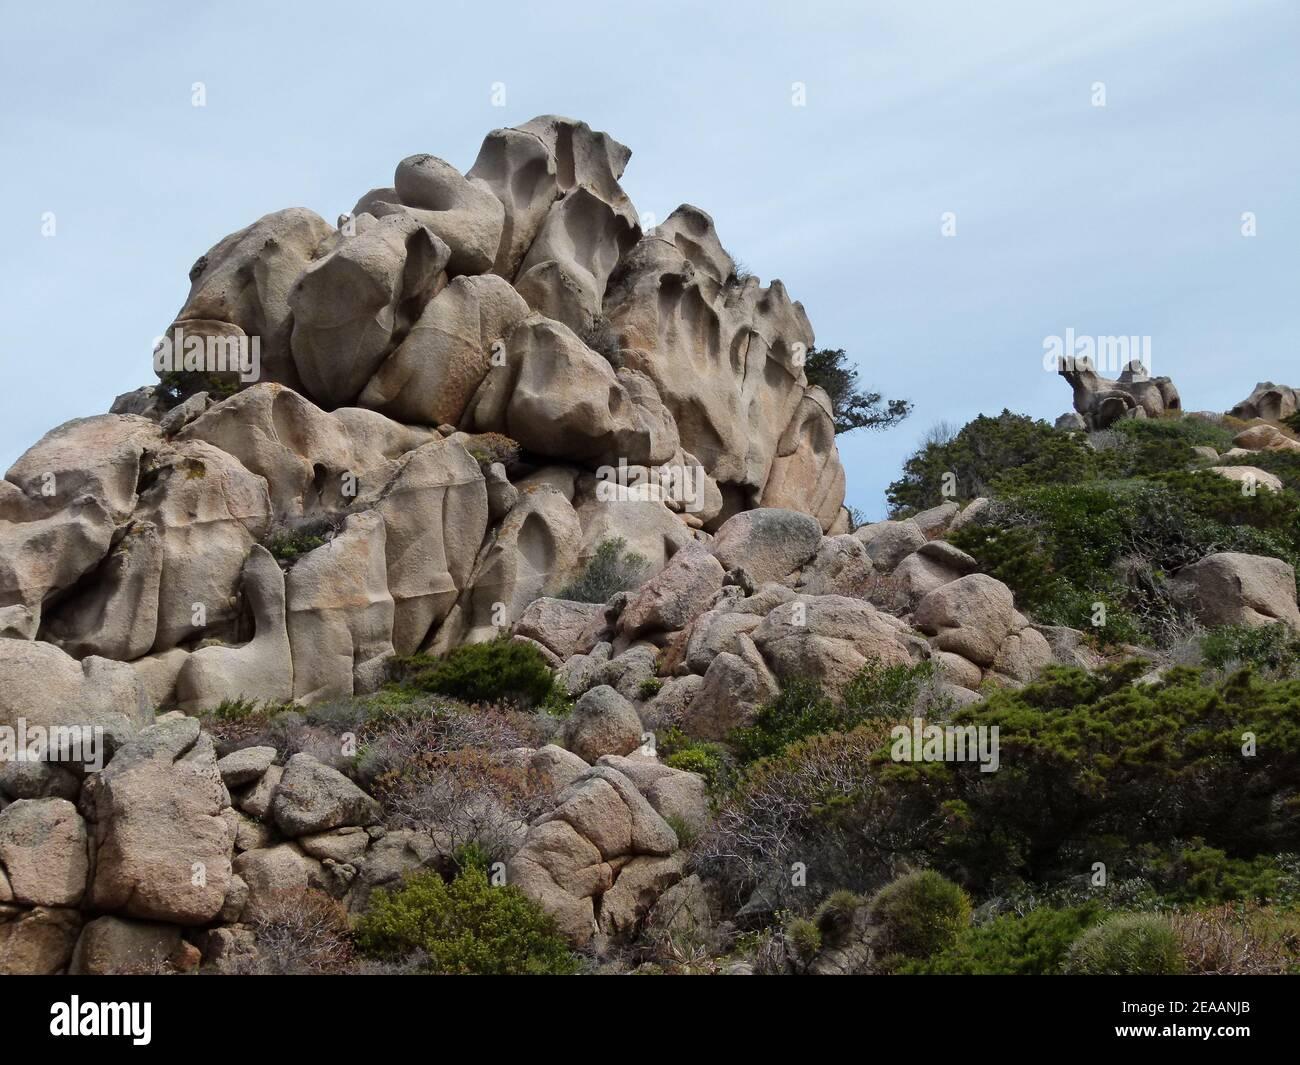 Formations de pierre à Capo Testa, mer, Sardaigne, Italie Banque D'Images